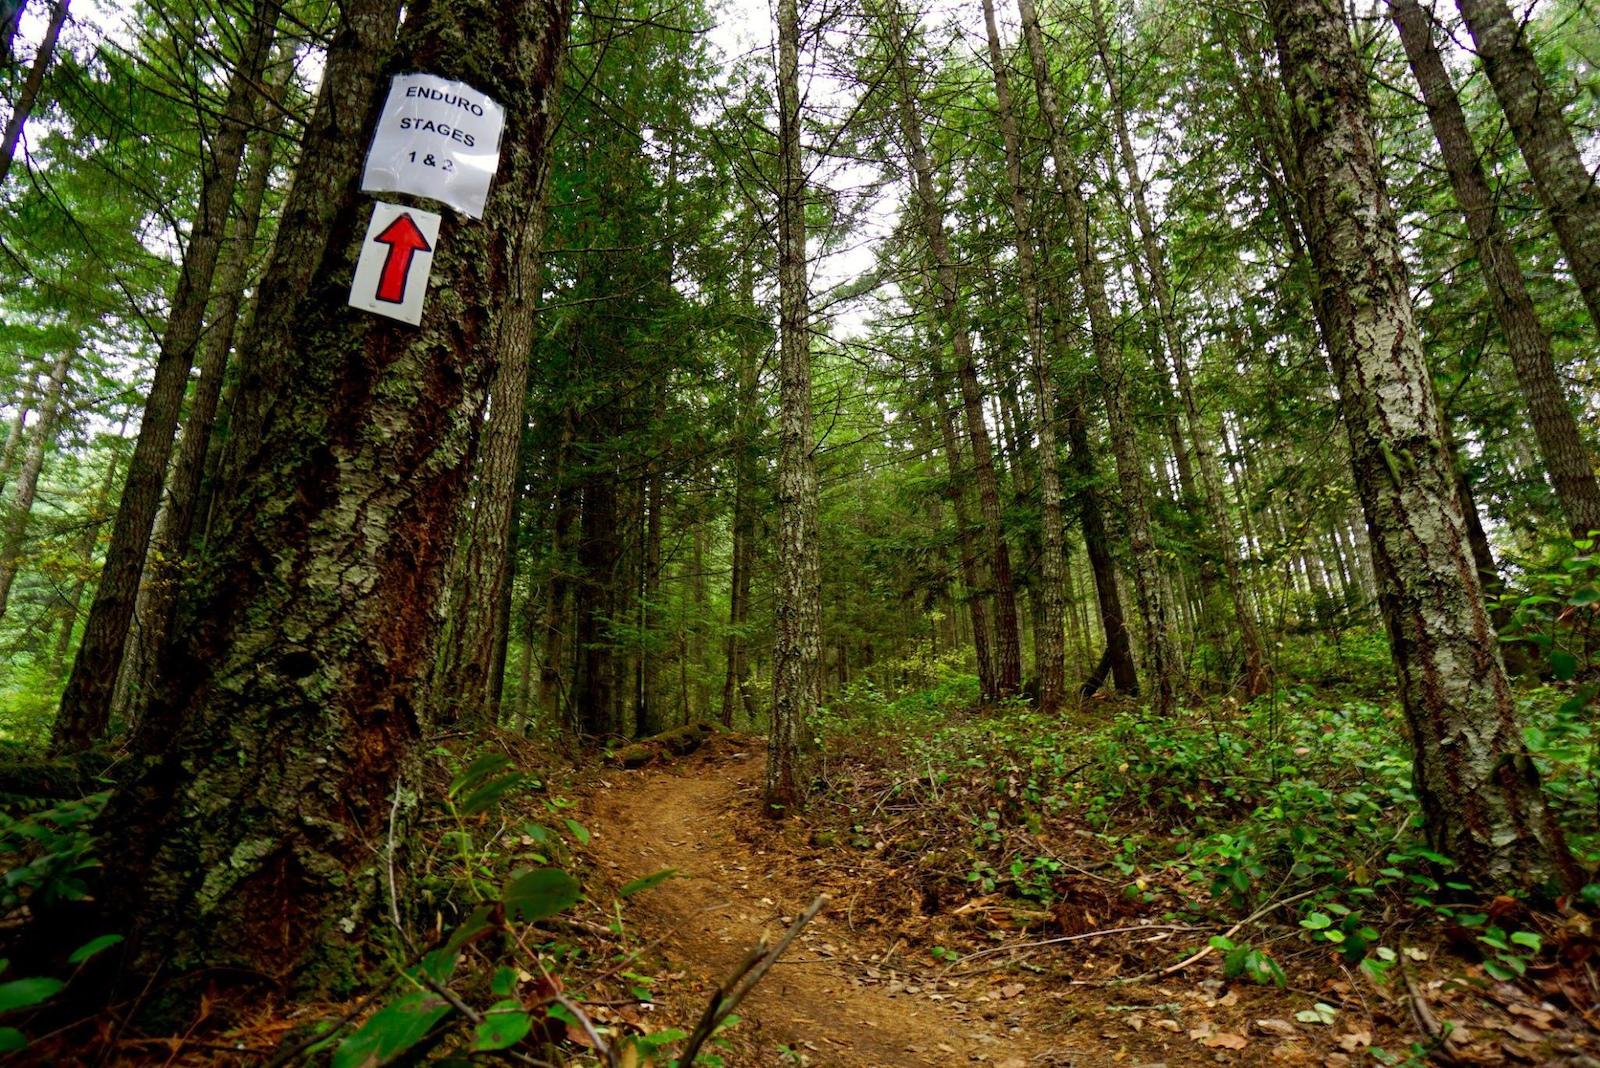 Maple Mountain Enduro